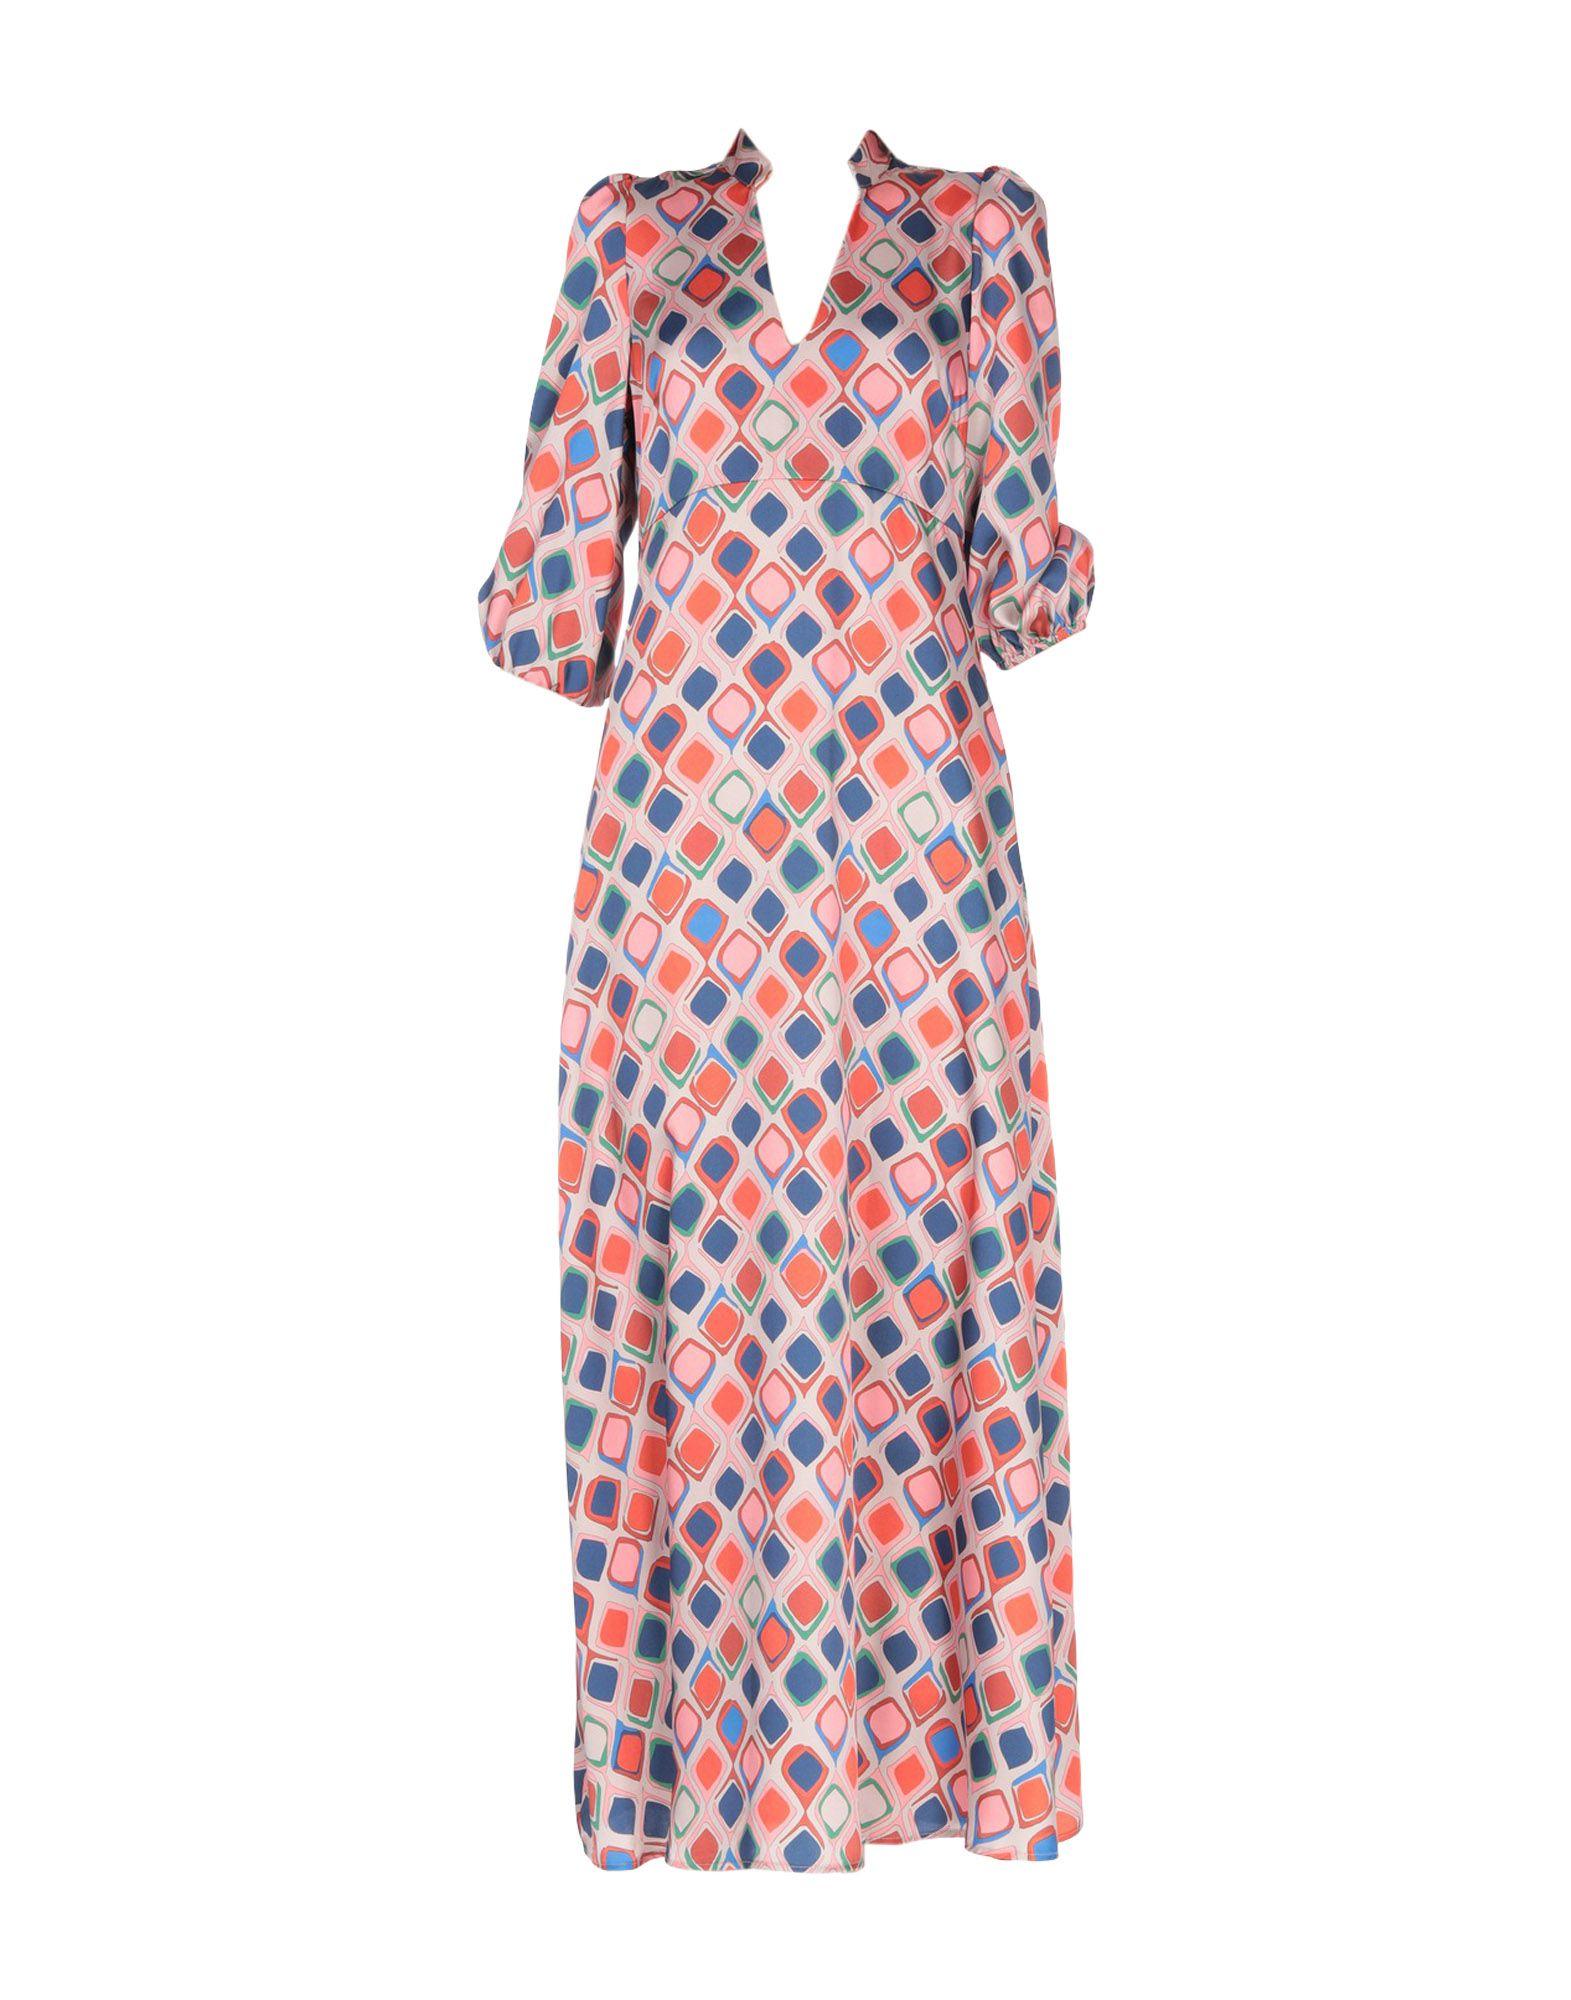 《送料無料》HOPPER レディース ロングワンピース&ドレス ドーブグレー 40 ポリエステル 100%